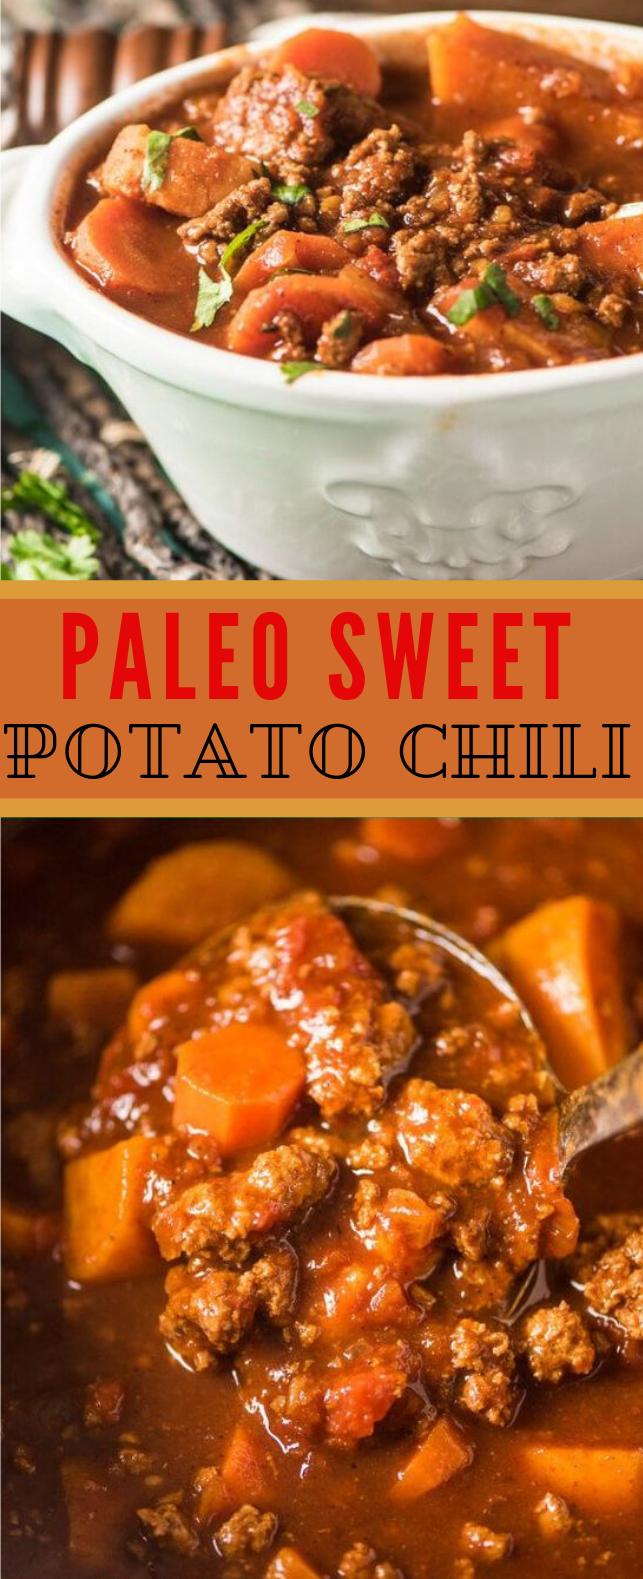 PALEO SWEET POTATO CHILI #diet #paleo